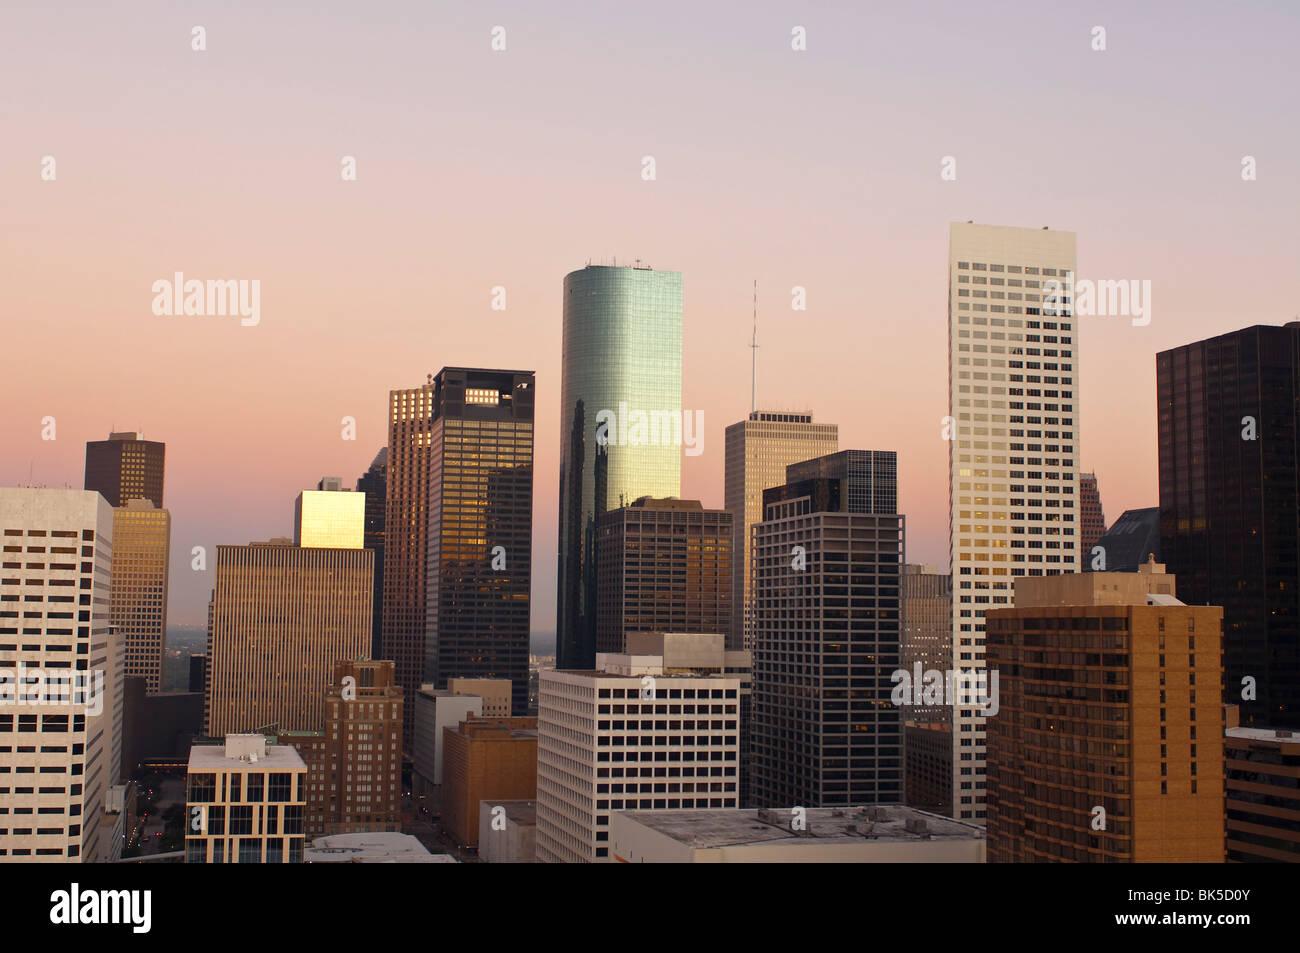 Skyline, Houston, Texas, États-Unis d'Amérique, Amérique du Nord Photo Stock